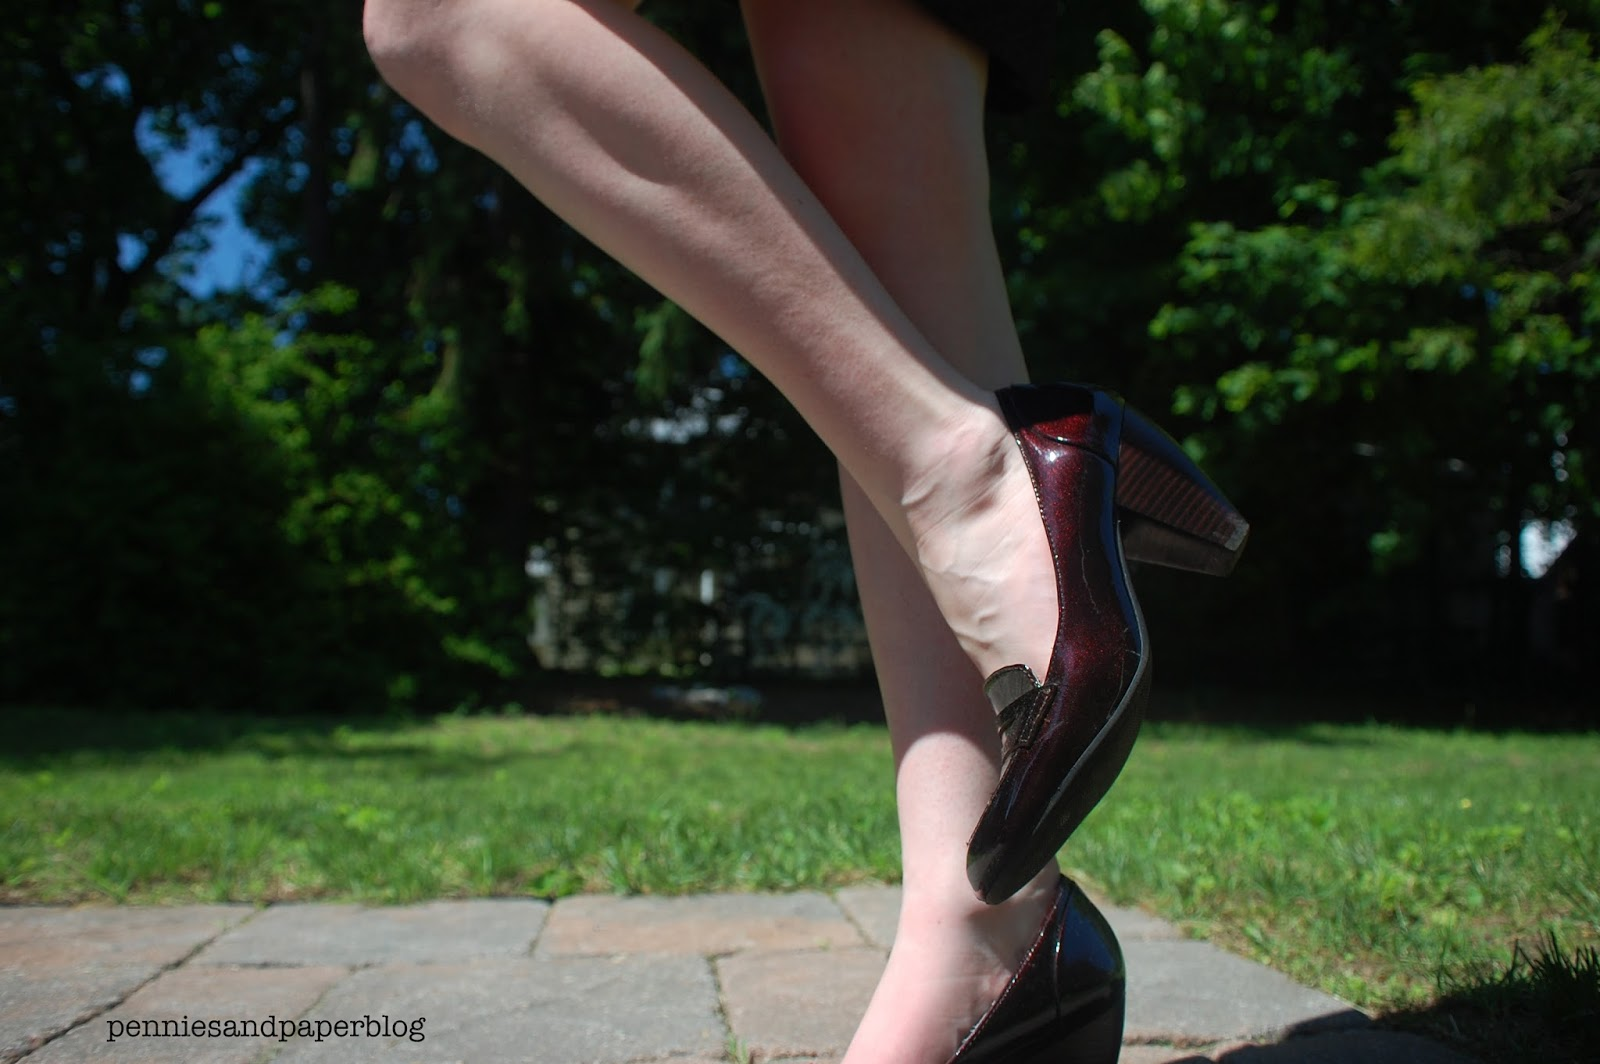 DSW loafer heels